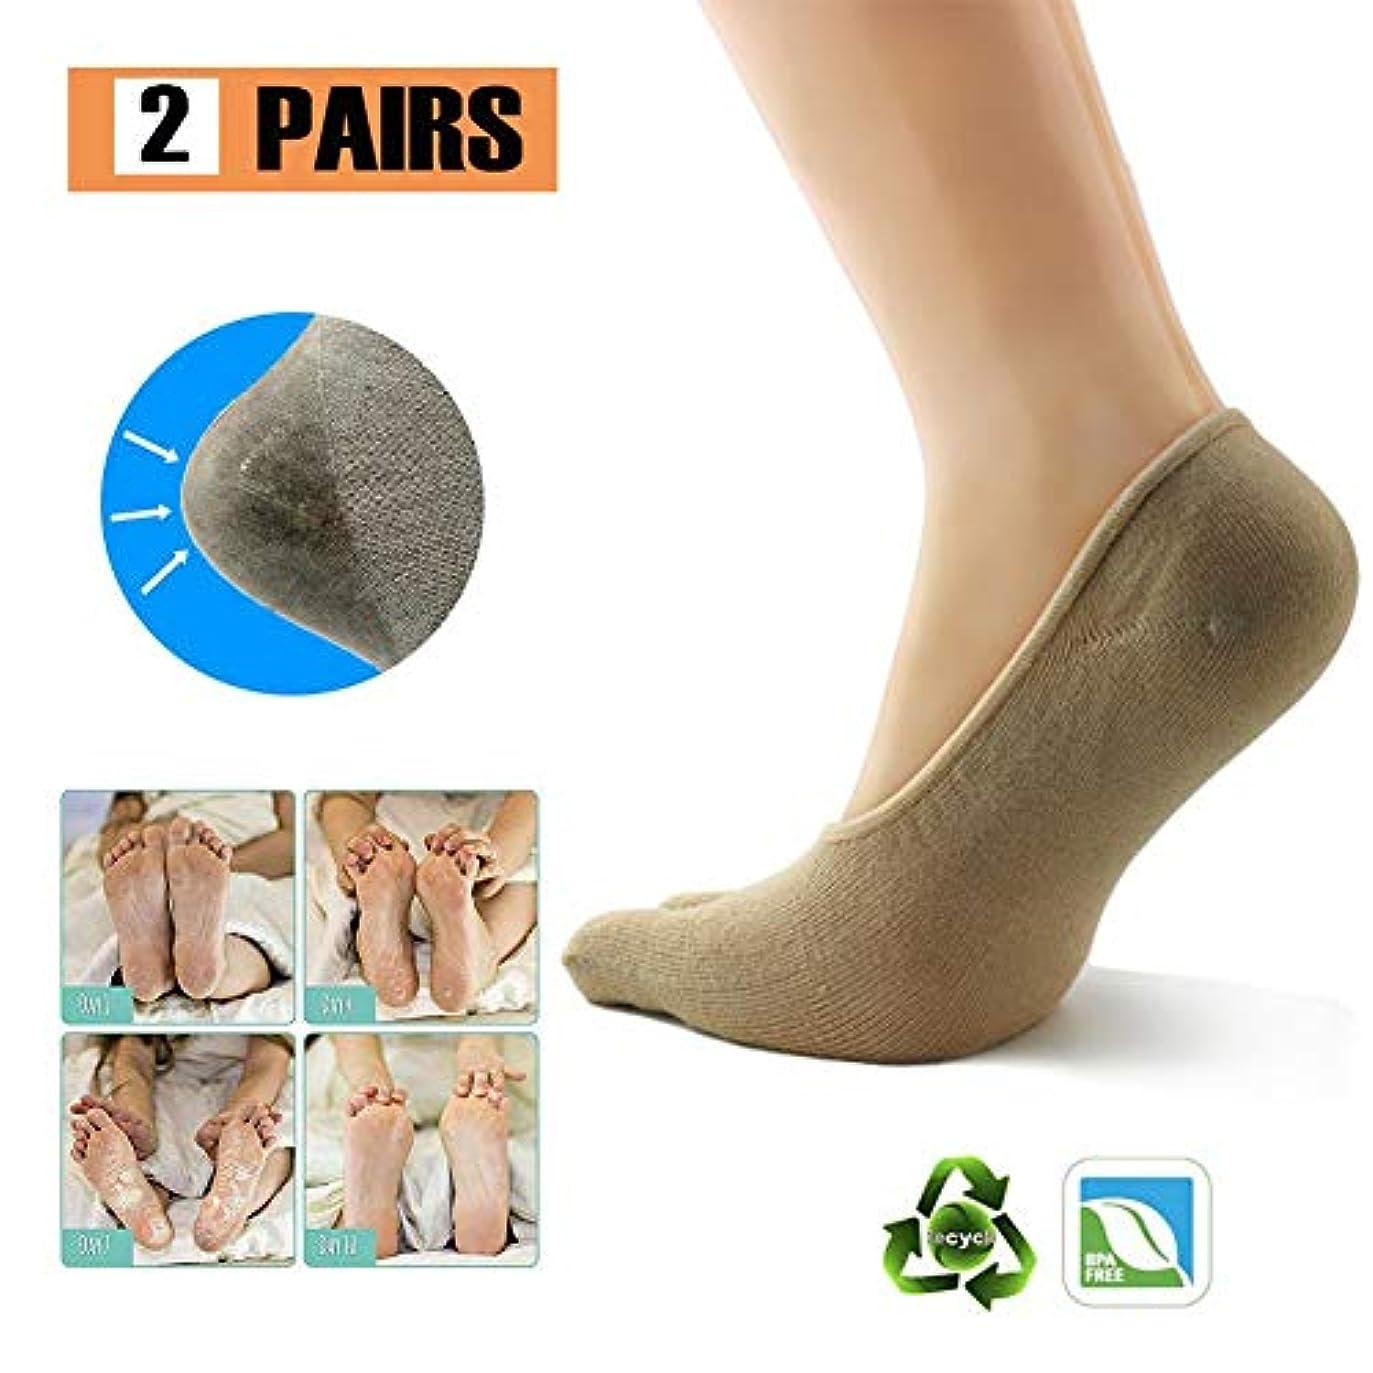 説明怠な特徴づけるヒールゲル保湿ソックスSPAゲル割れ防止ソックス割れ防止ボートソックス5本指の見えない靴下,2PCS